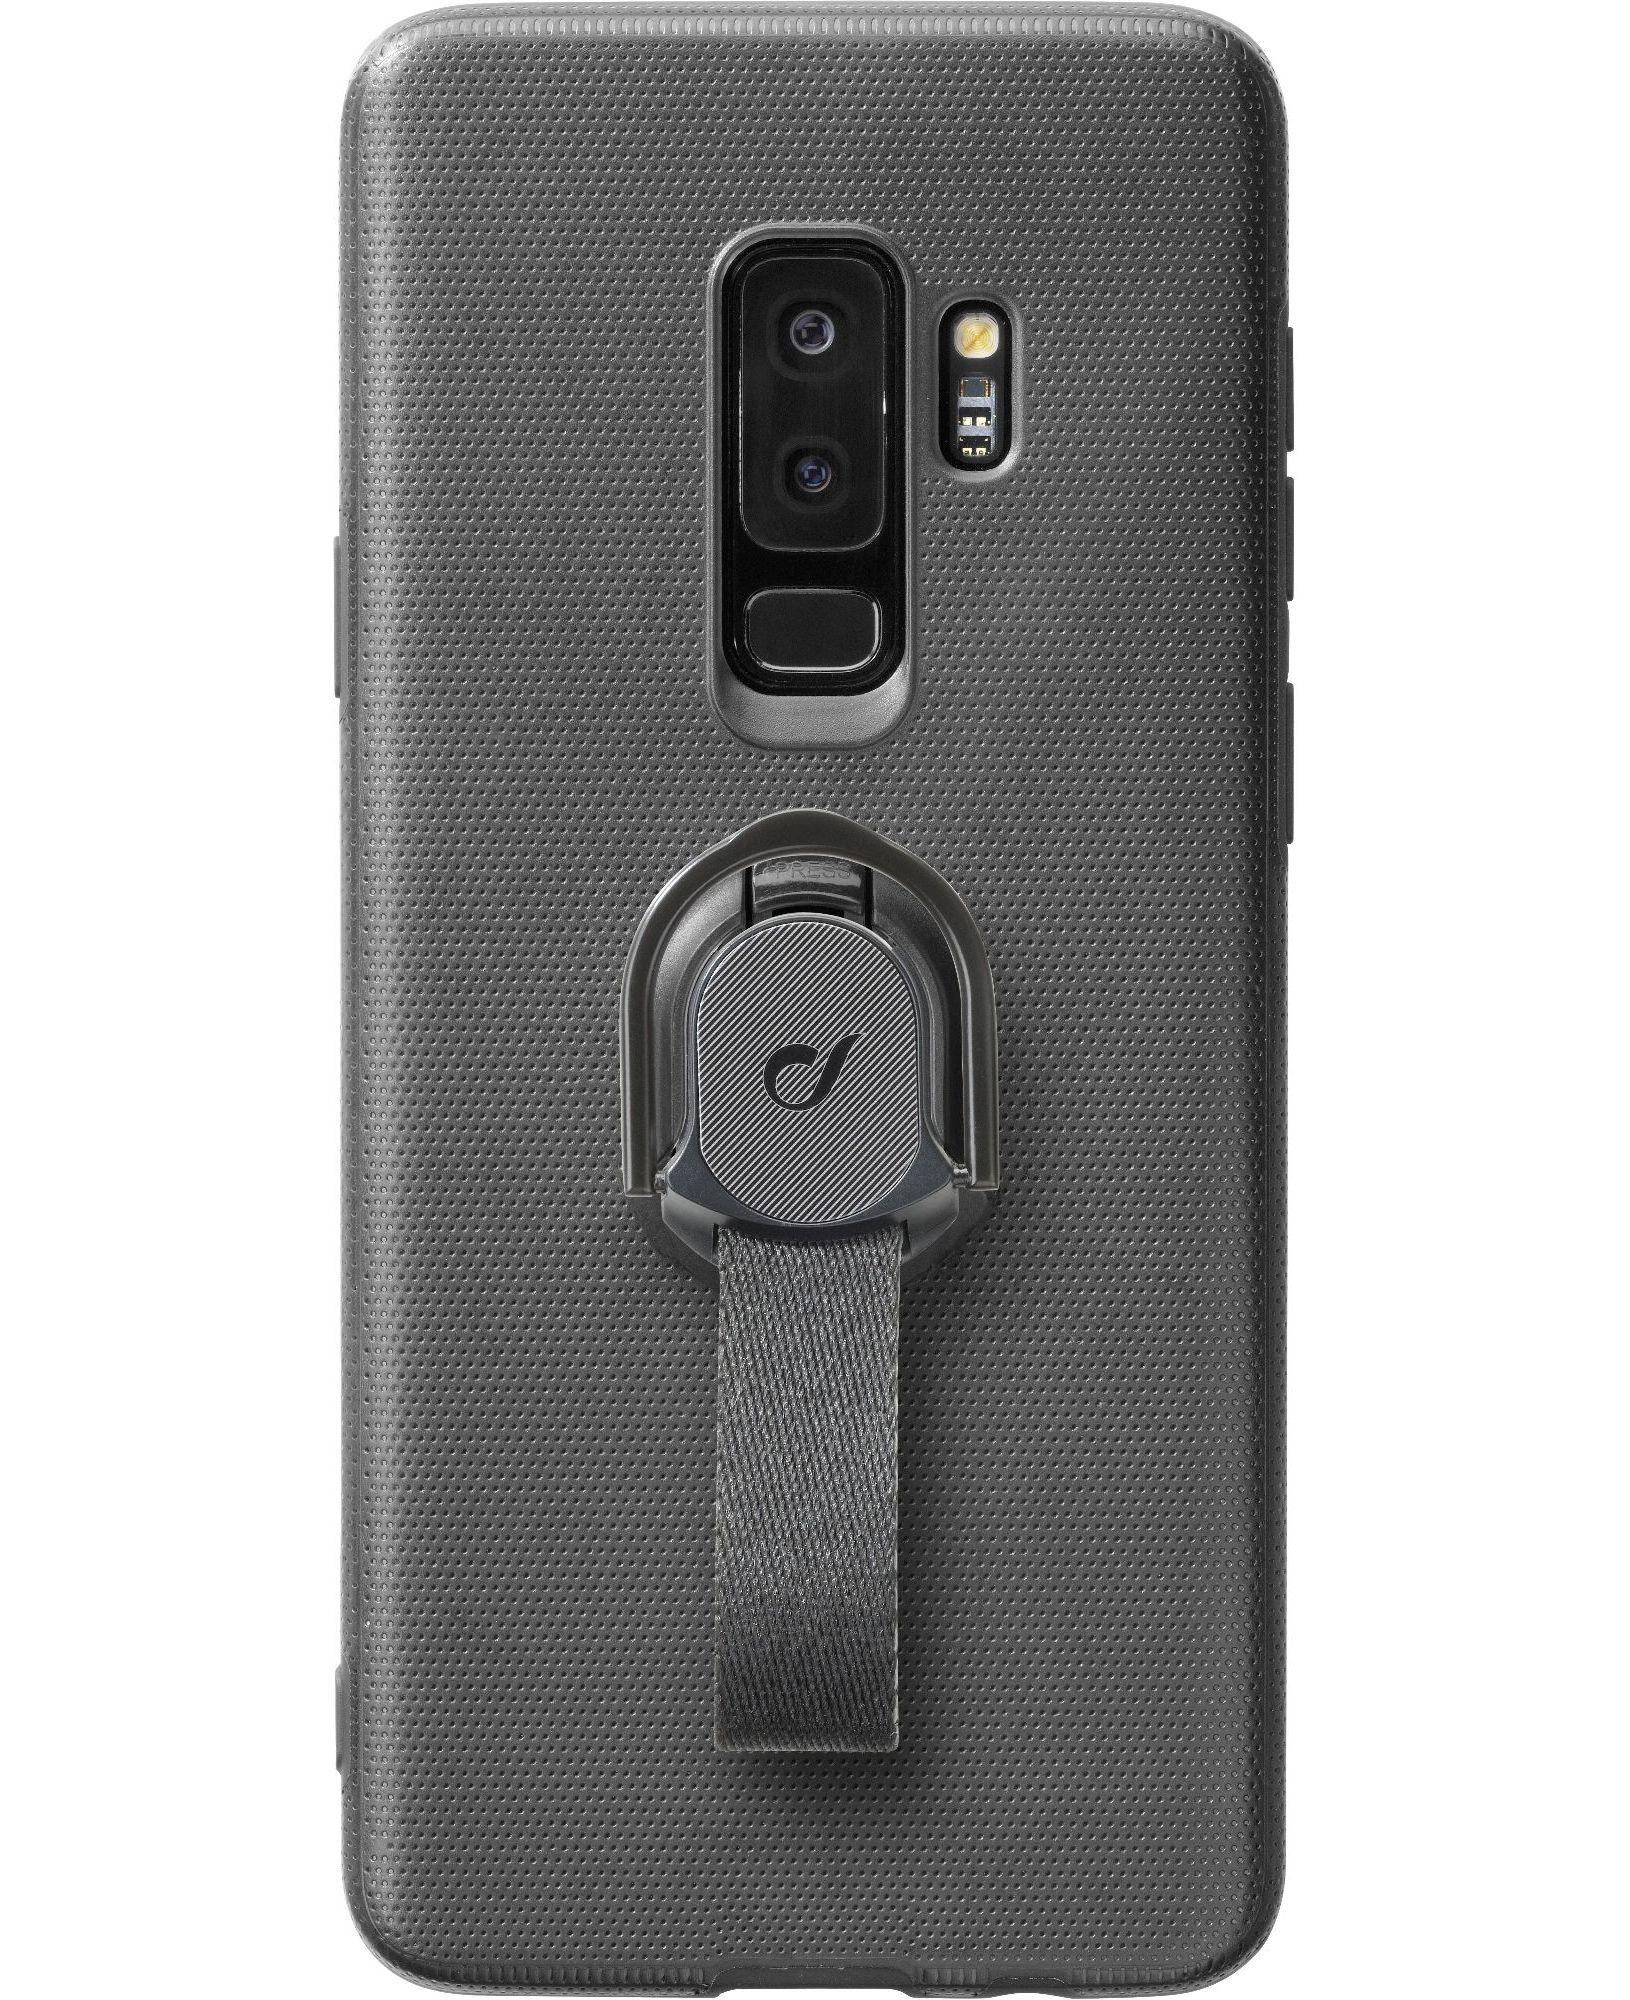 Cellular Line Custodia con asola di sicurezza removibile Galaxy S9+ - Steadycgals9plk